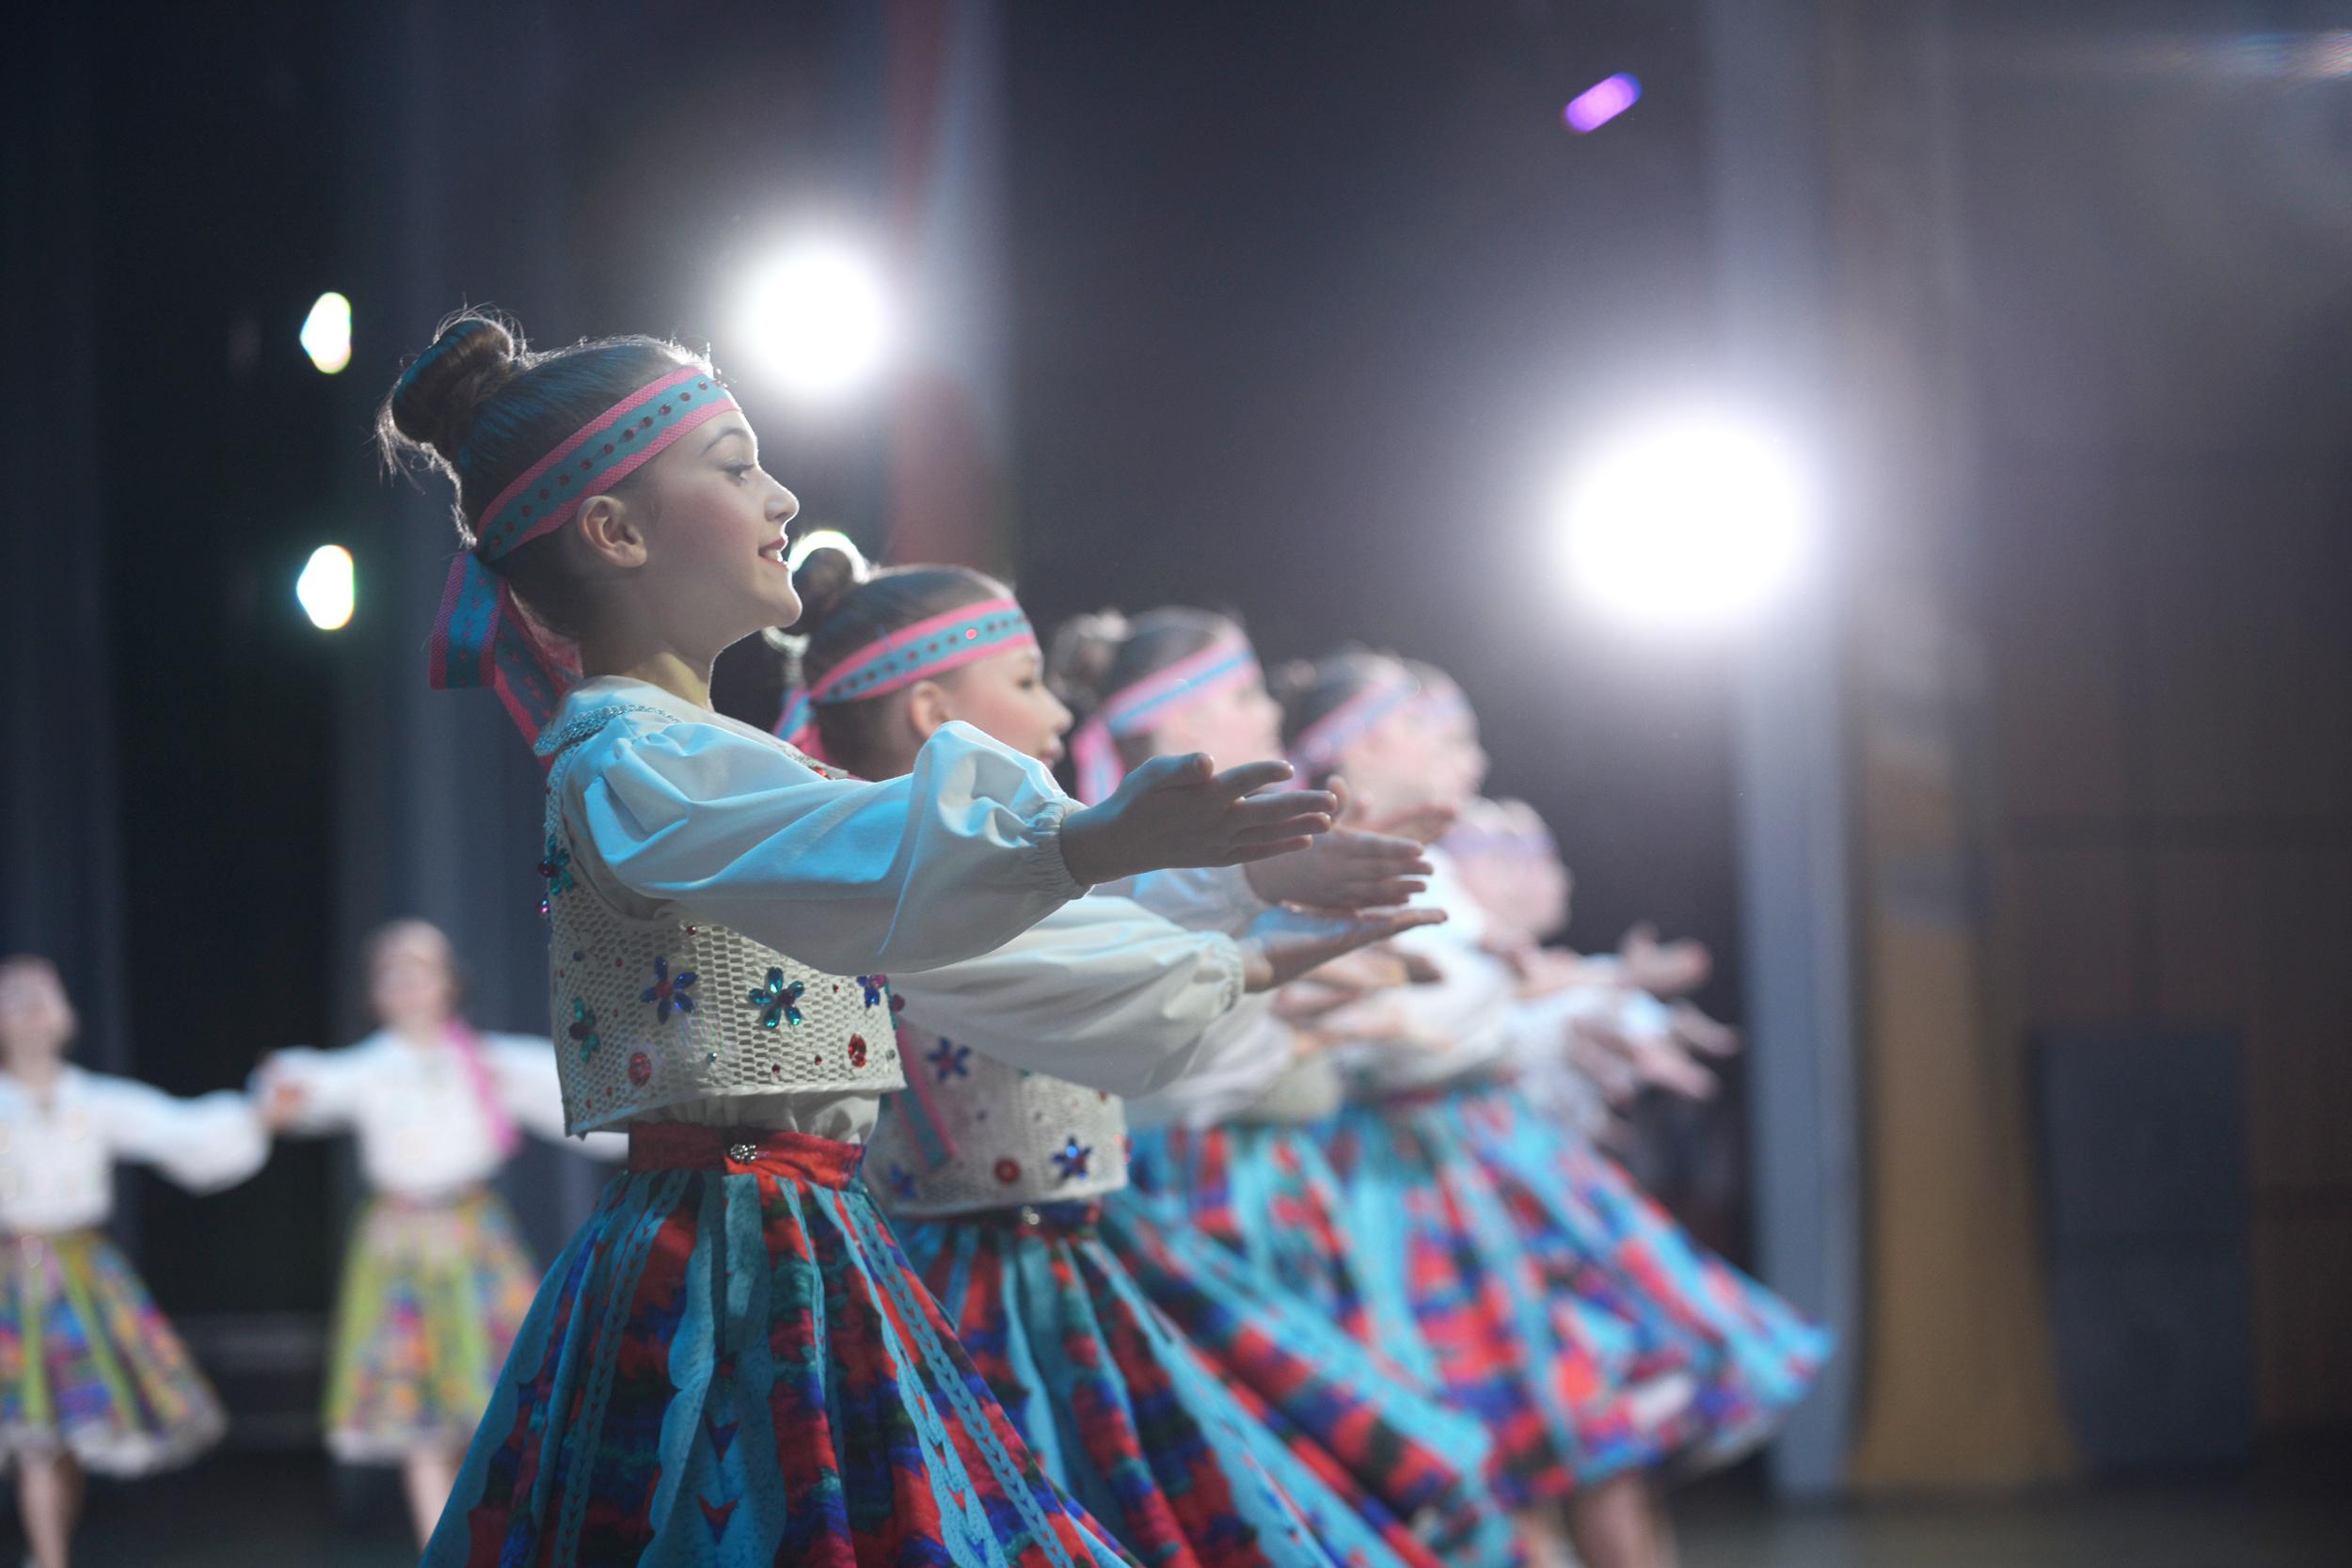 Международный день танца отметят в библиотеке №167